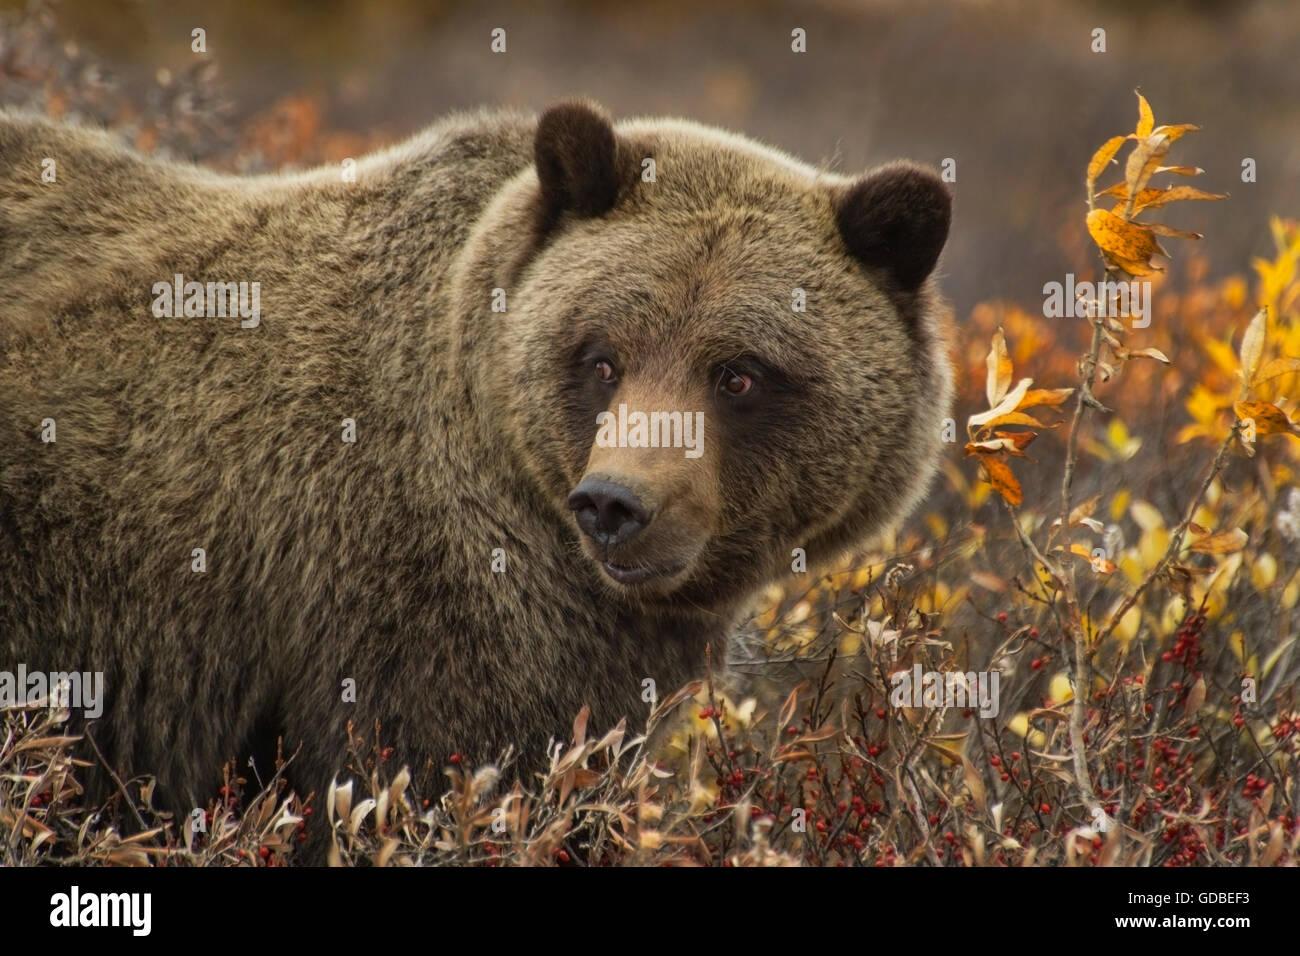 Grizzly bear Ursus arctos) sow Denali Nat'l Park, Alaska - Stock Image